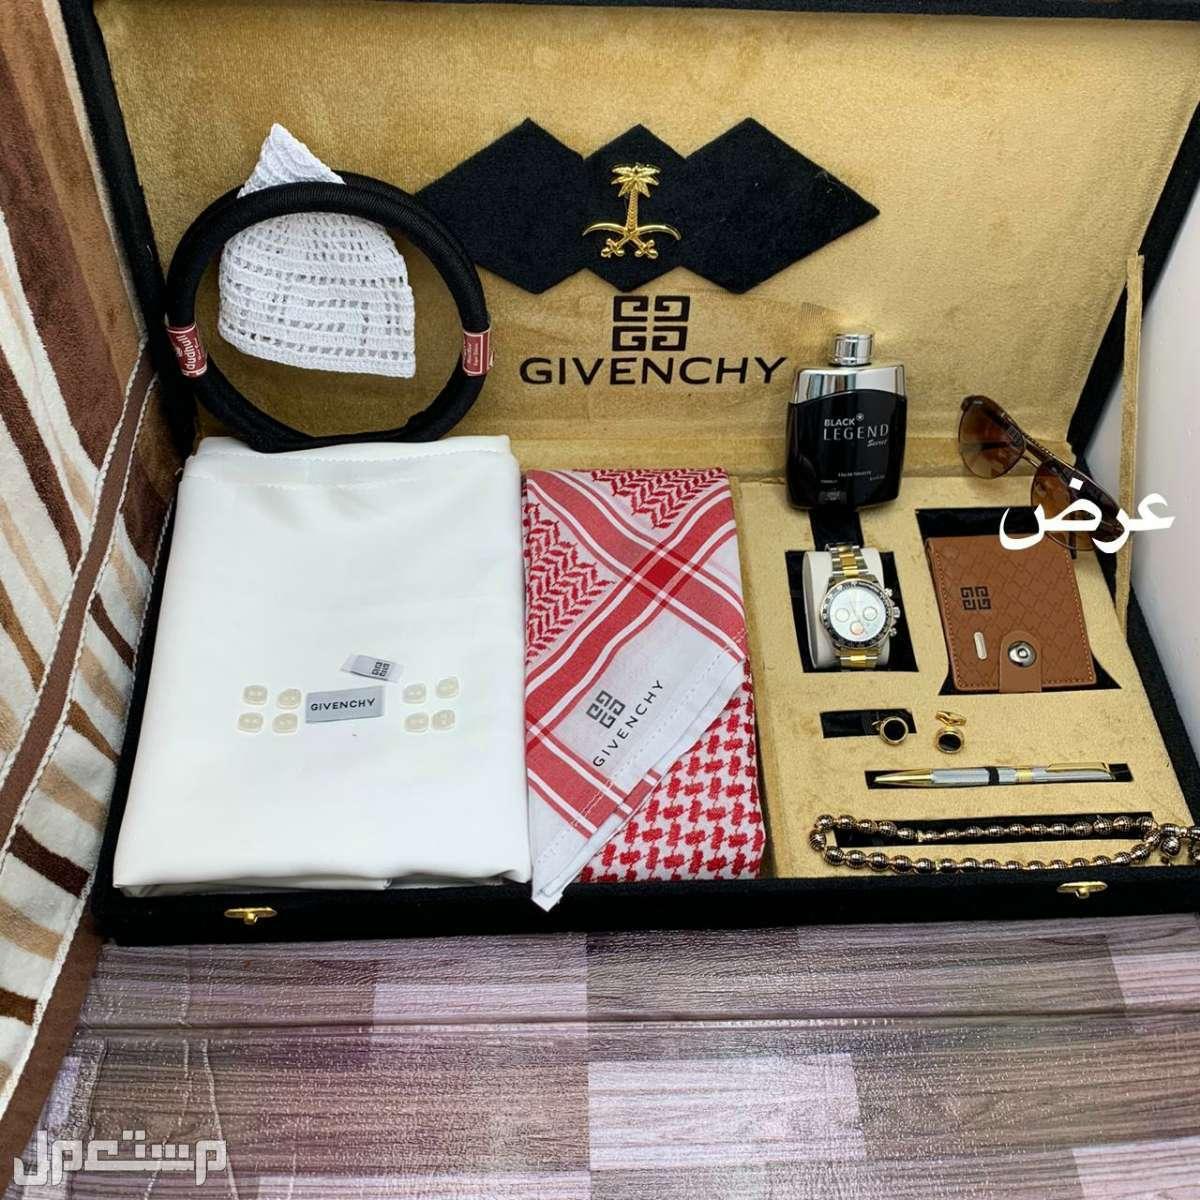 بوكس هدايا العريس بوكس ملكي فاخر اقمشة وشماغات جفنشي